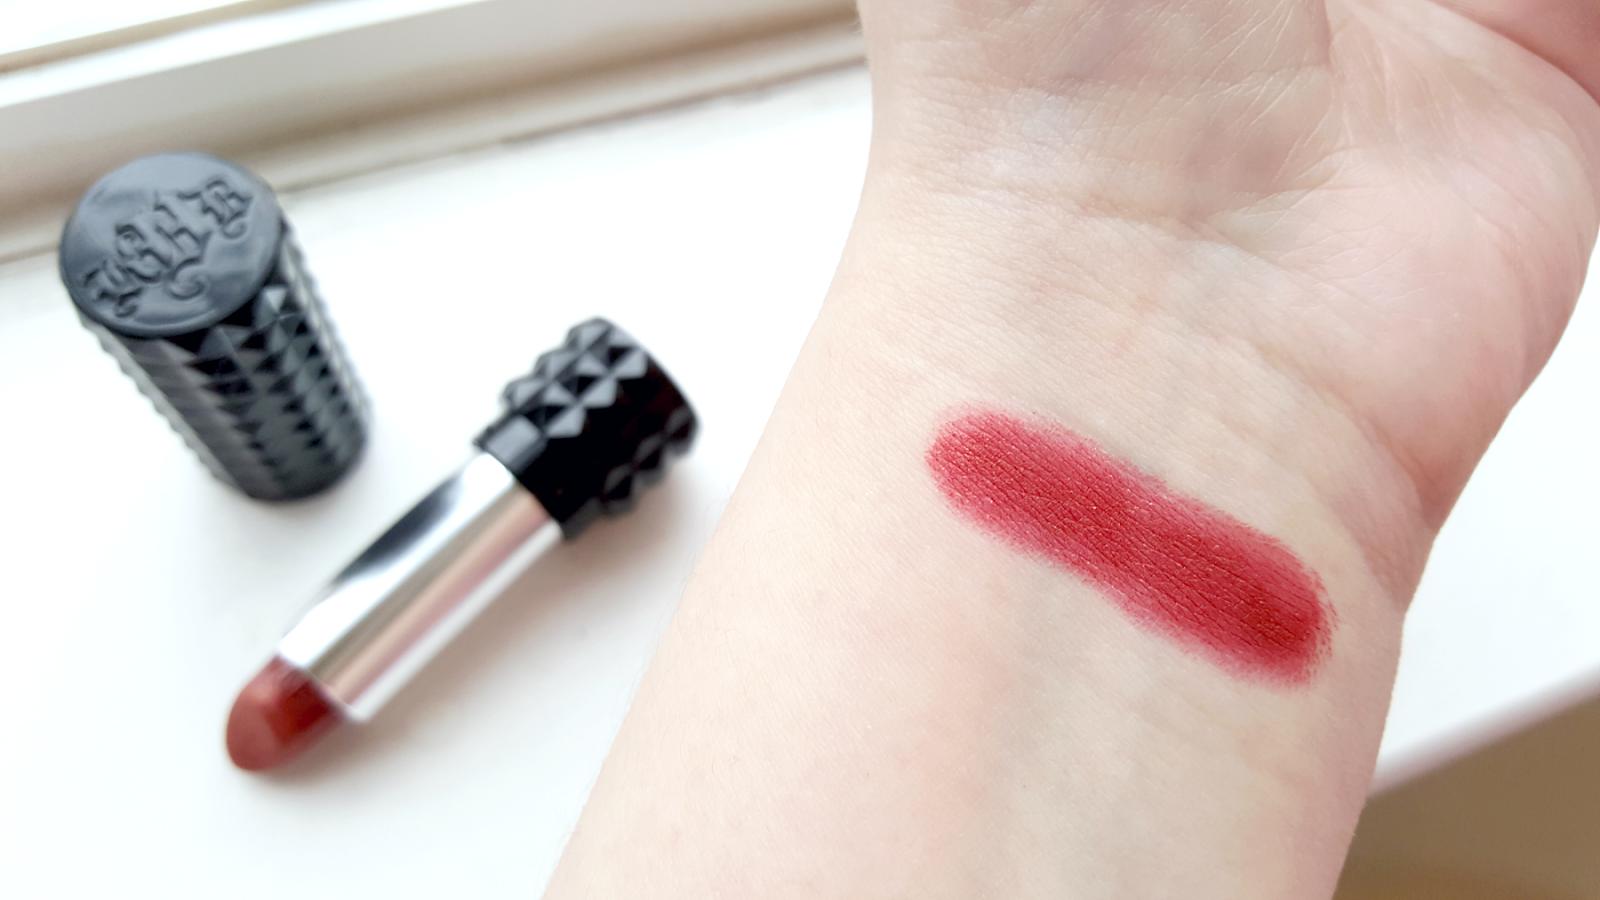 kat-von-d-studded-kiss-lipstick-thin-lizzy-swatch